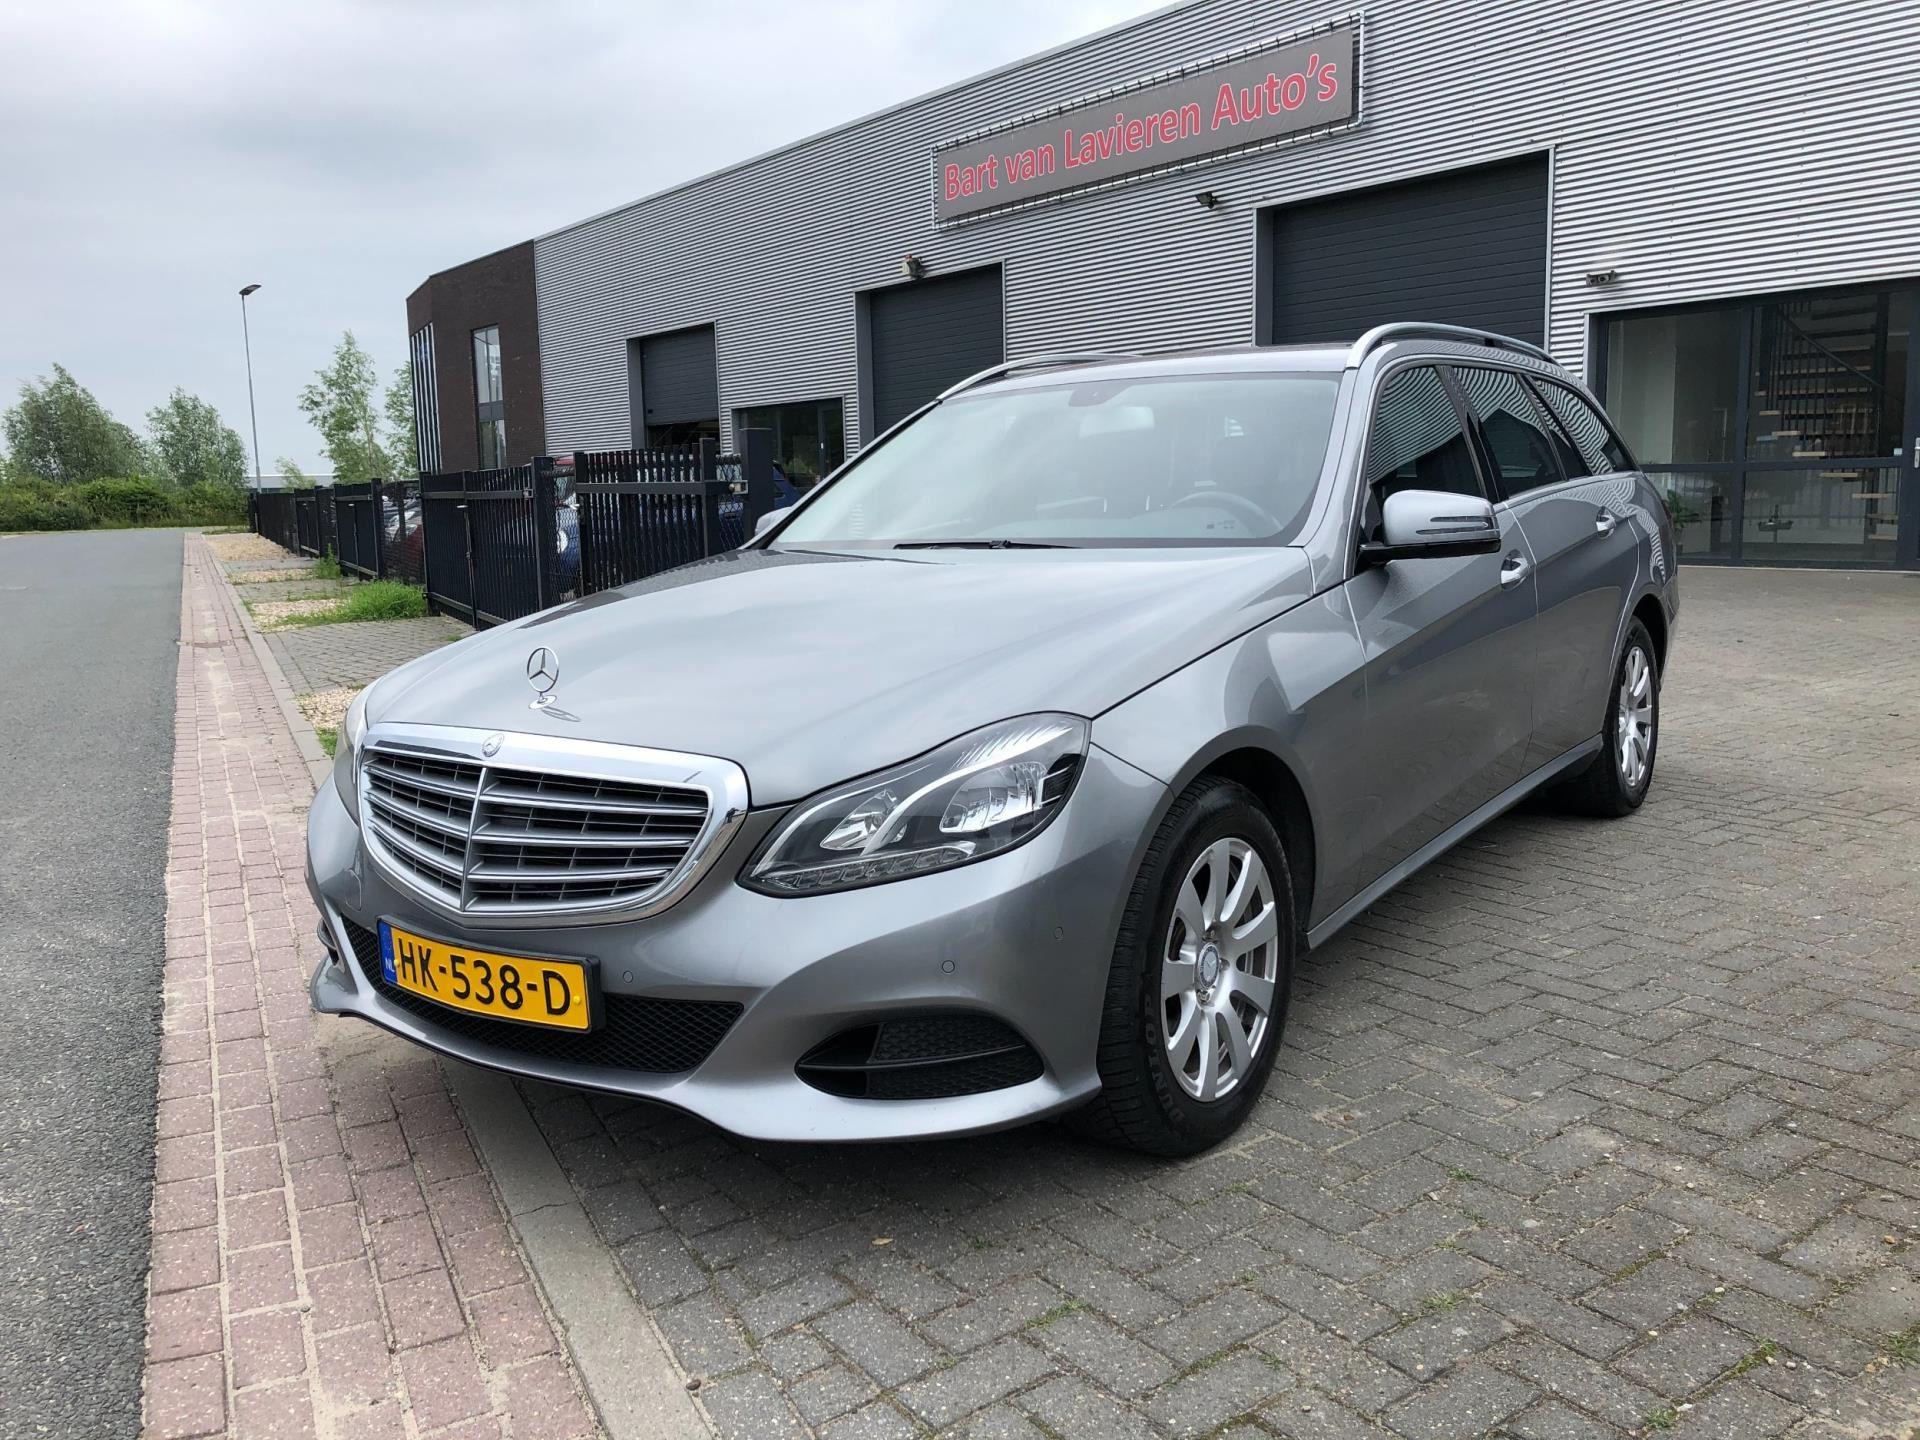 Mercedes-Benz E-klasse Estate occasion - Bart van Lavieren Auto's